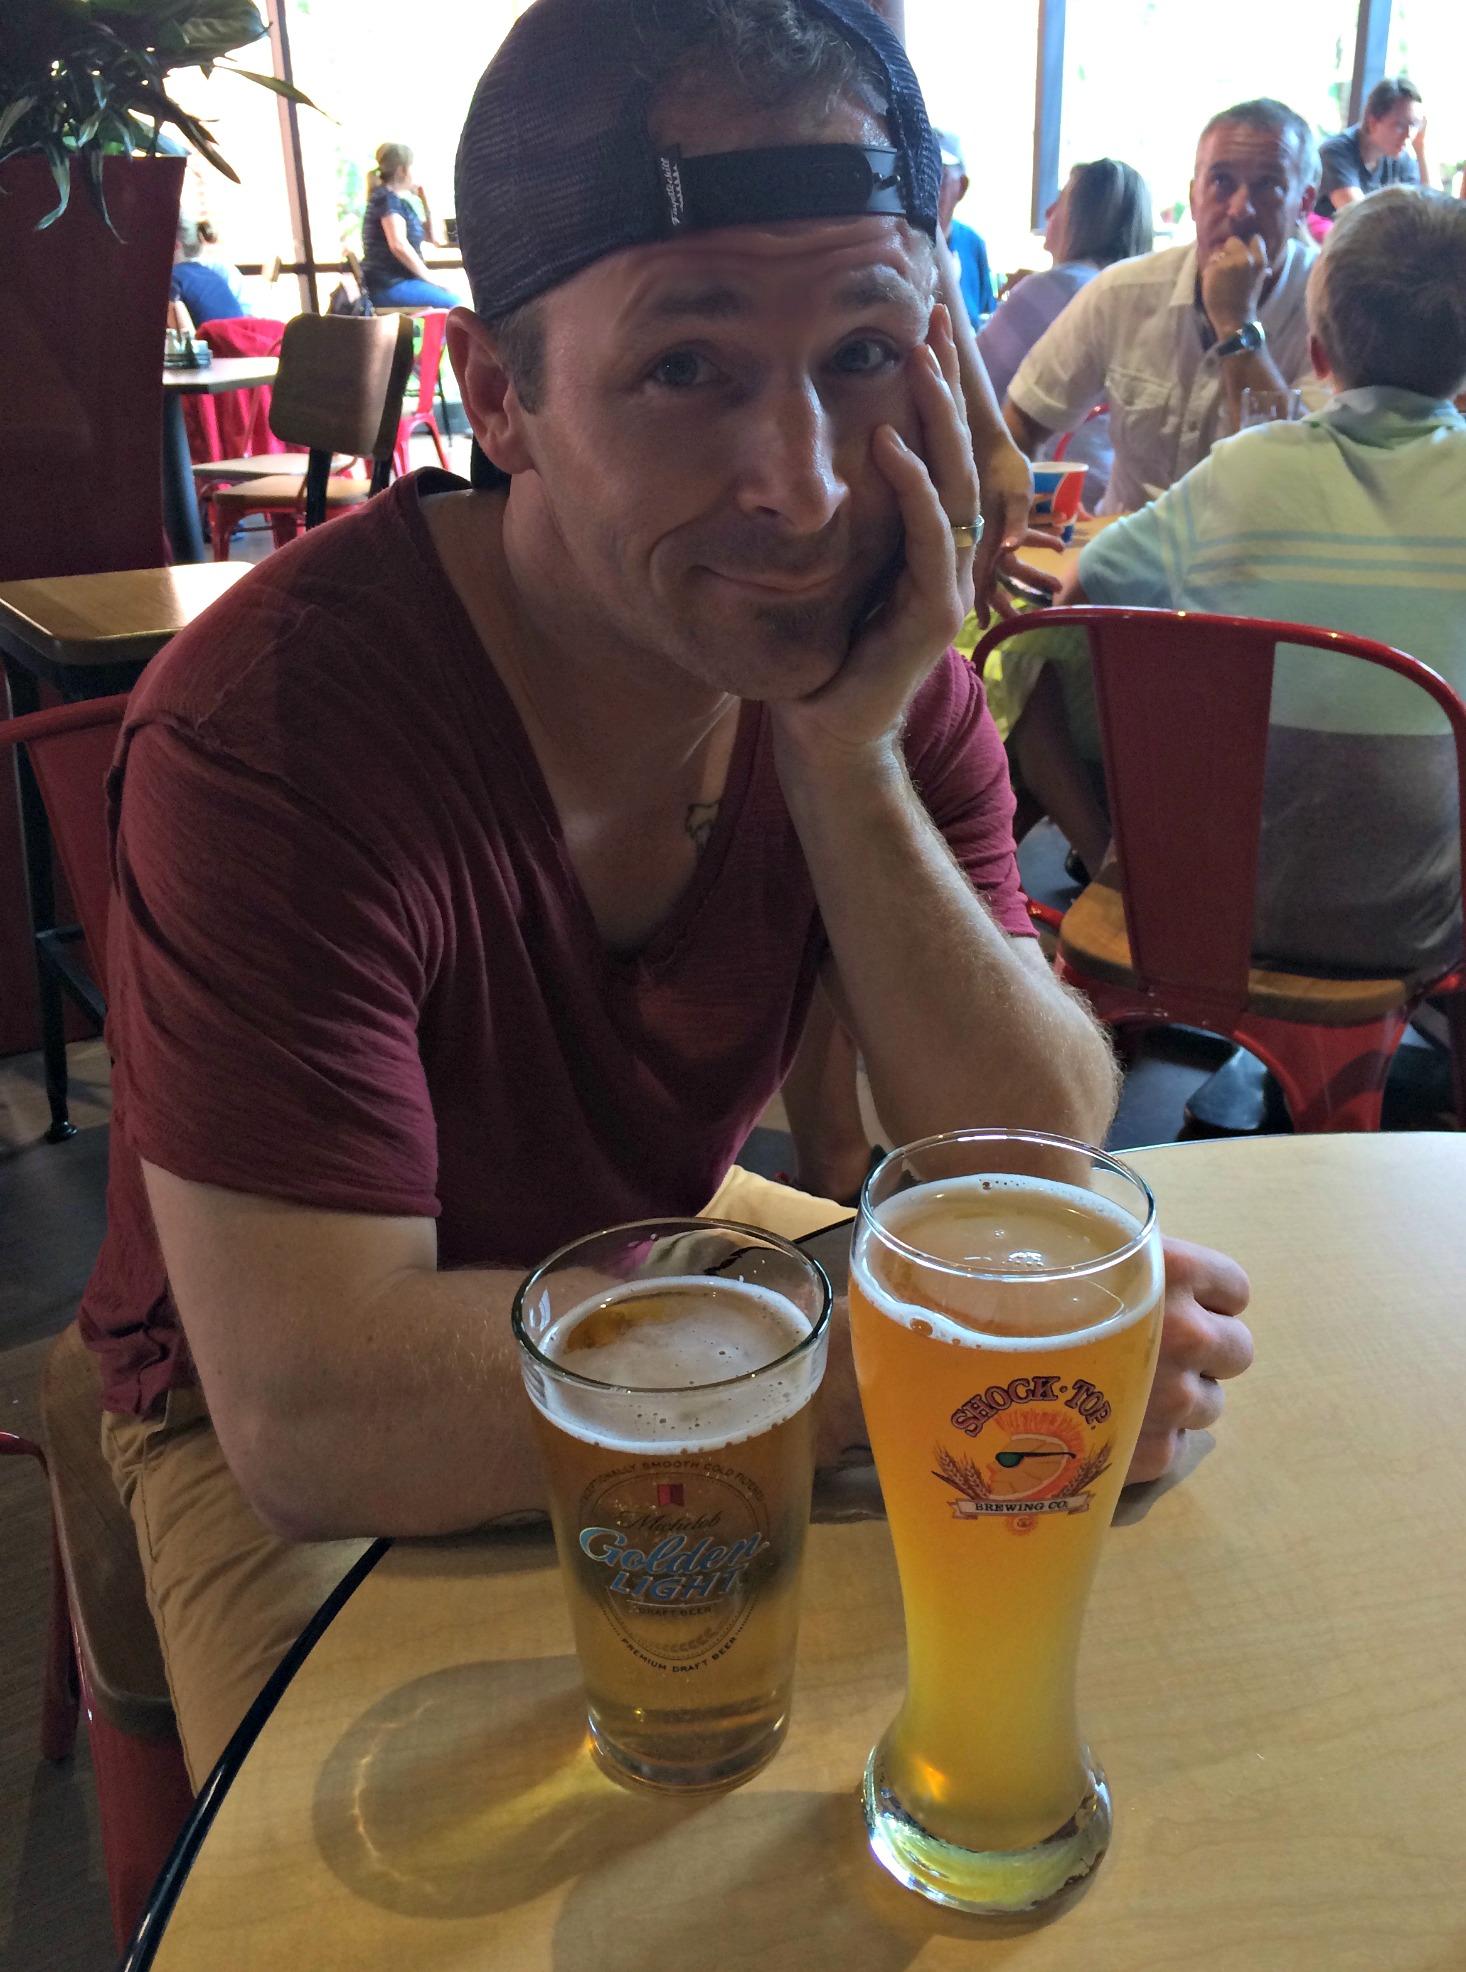 Scott at the Budweiser Beer Tour